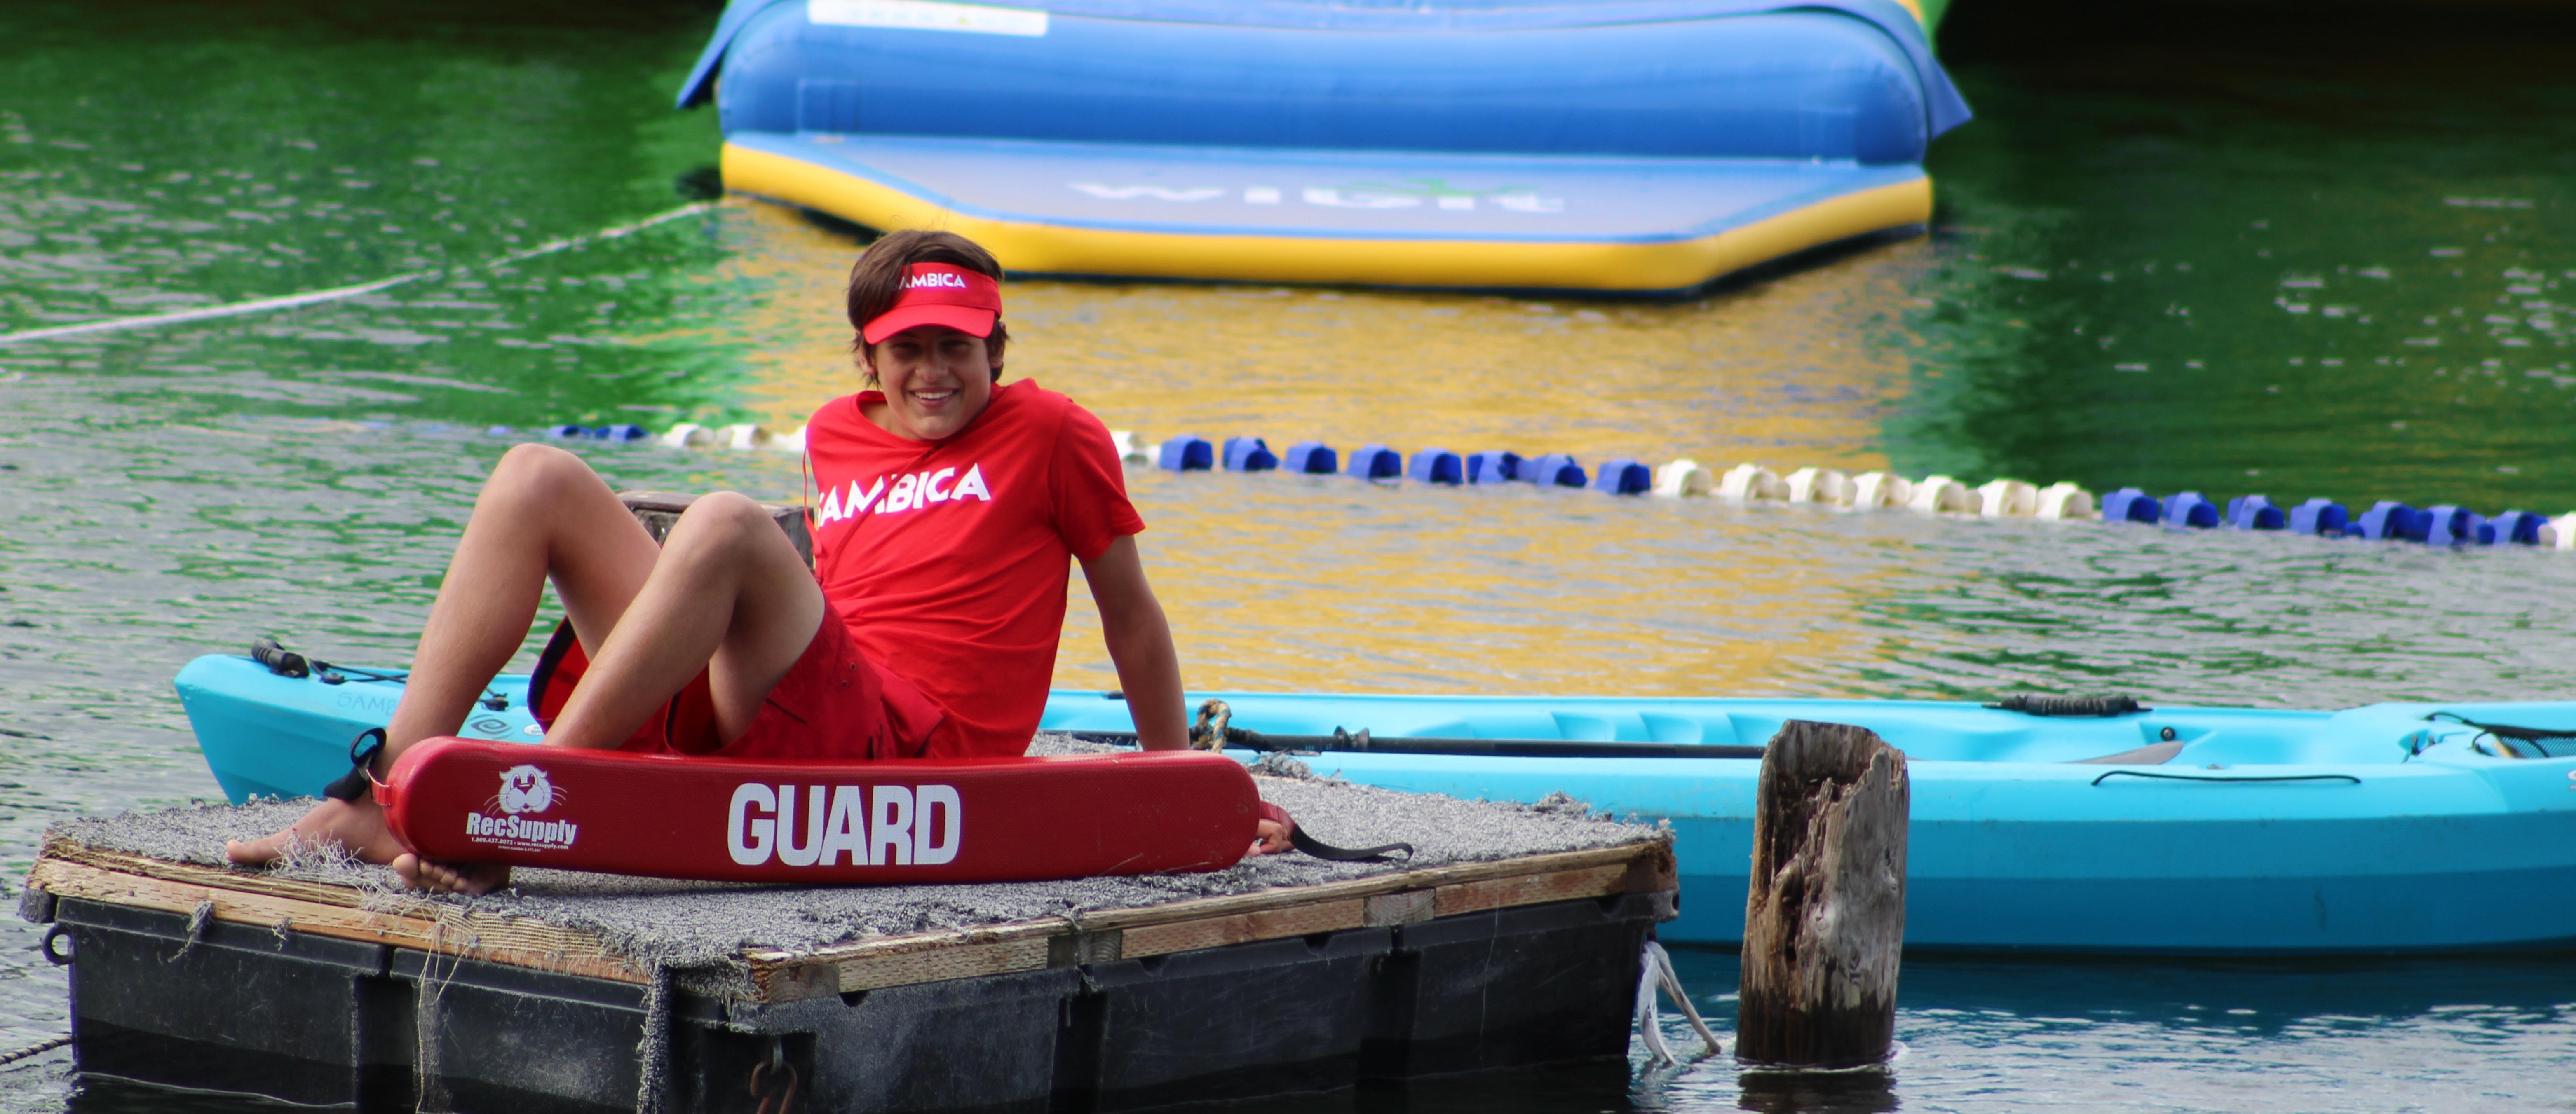 Section Photos - lifeguard